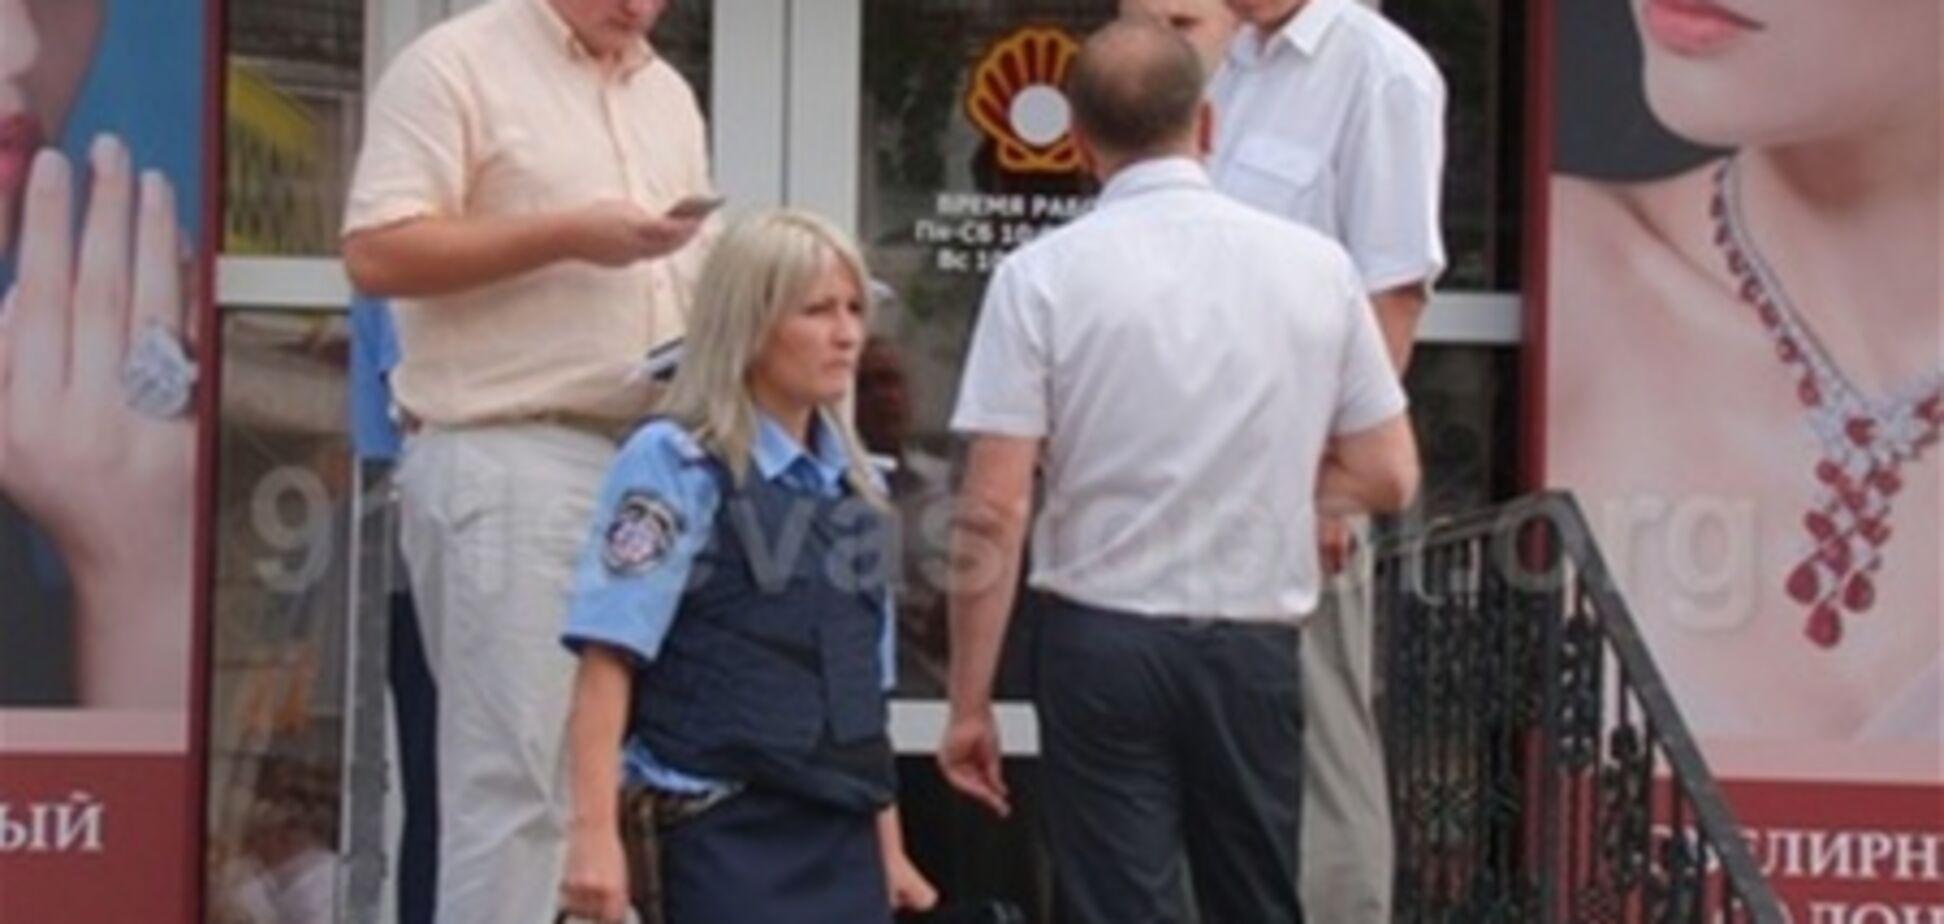 Міліціонер убив охоронця ювелірки в цілях самозахисту - ЗМІ